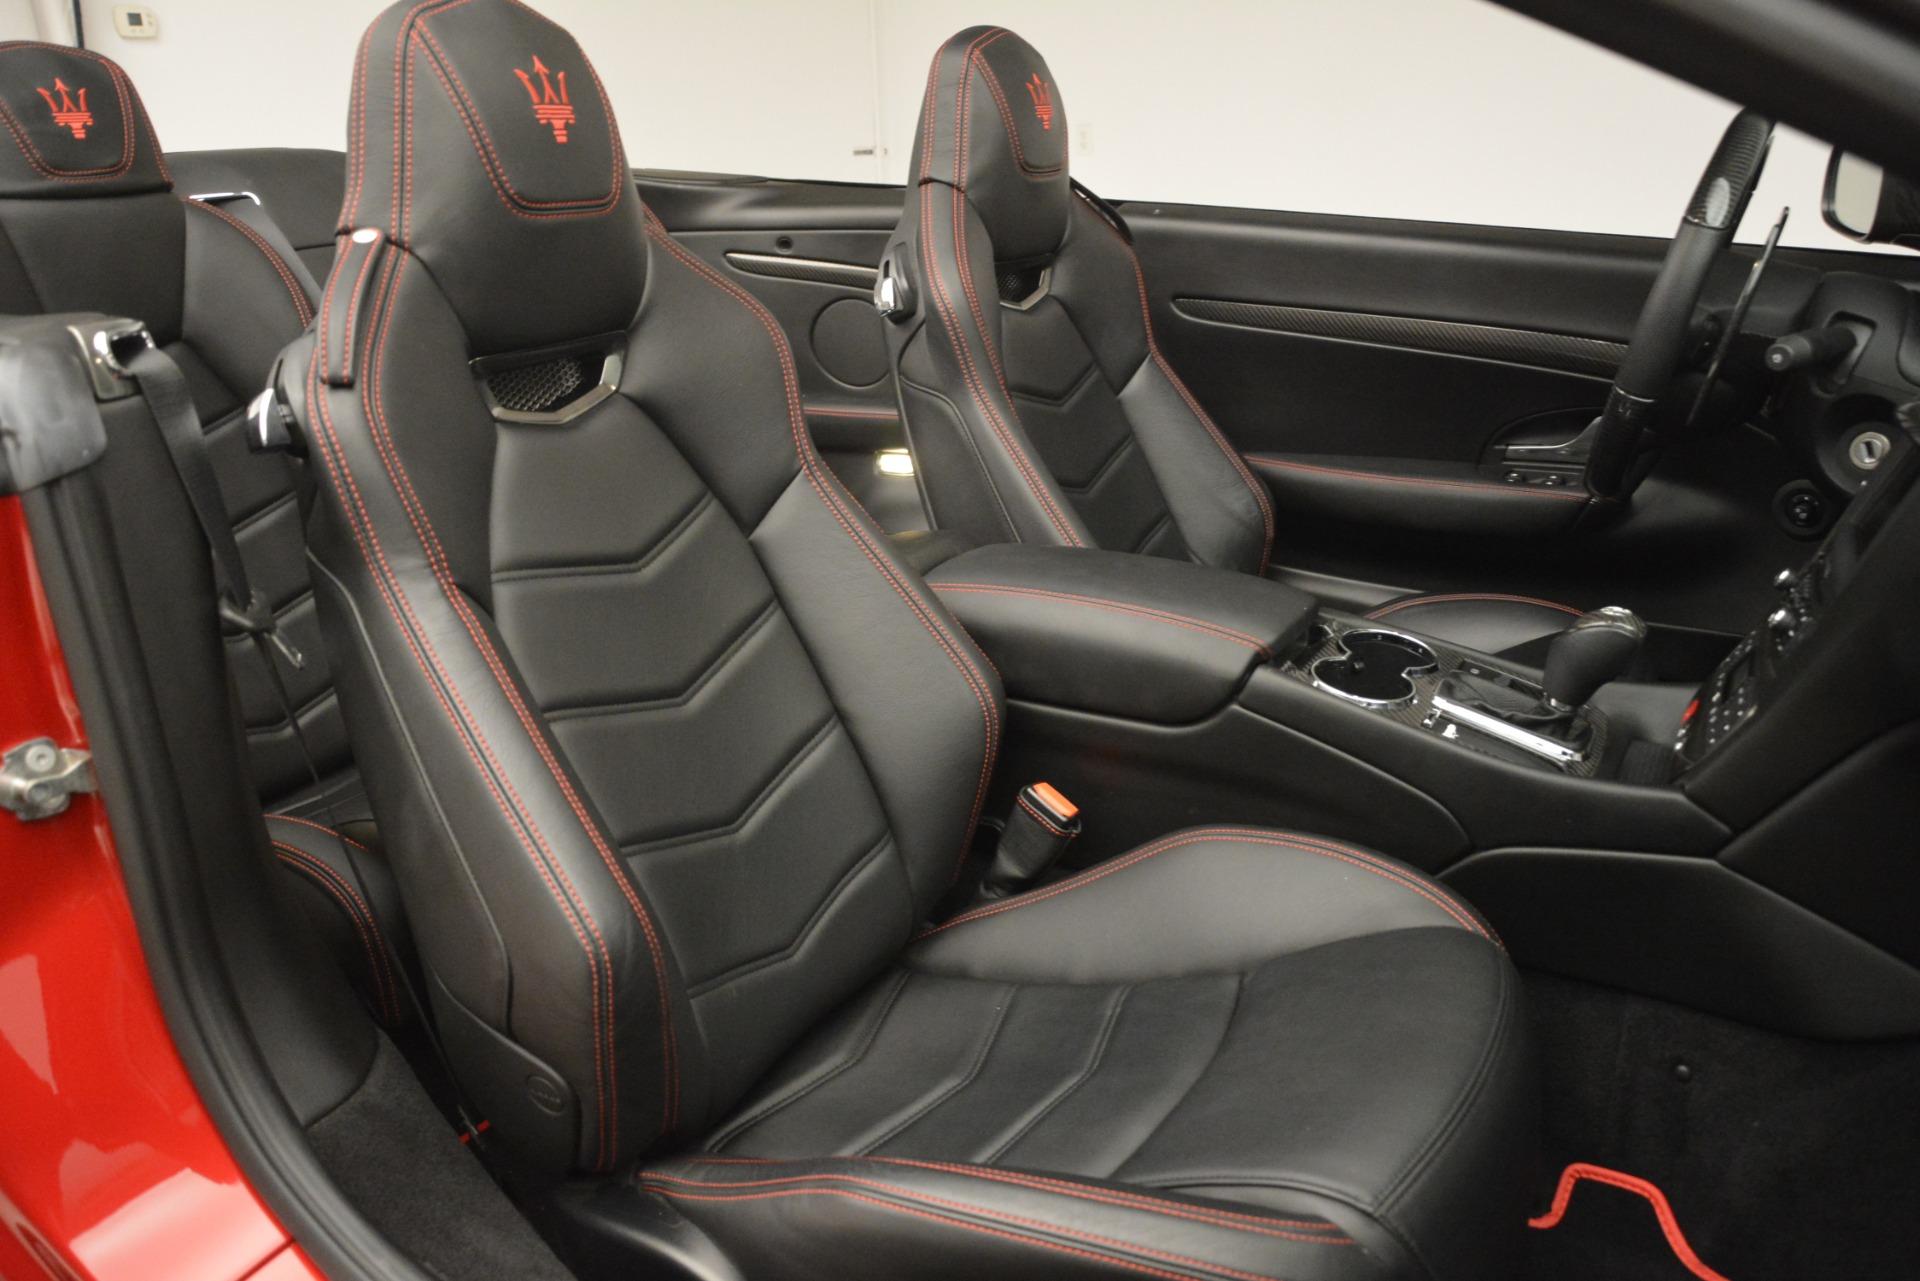 Used 2015 Maserati GranTurismo MC For Sale In Greenwich, CT. Alfa Romeo of Greenwich, 7576 3197_p27